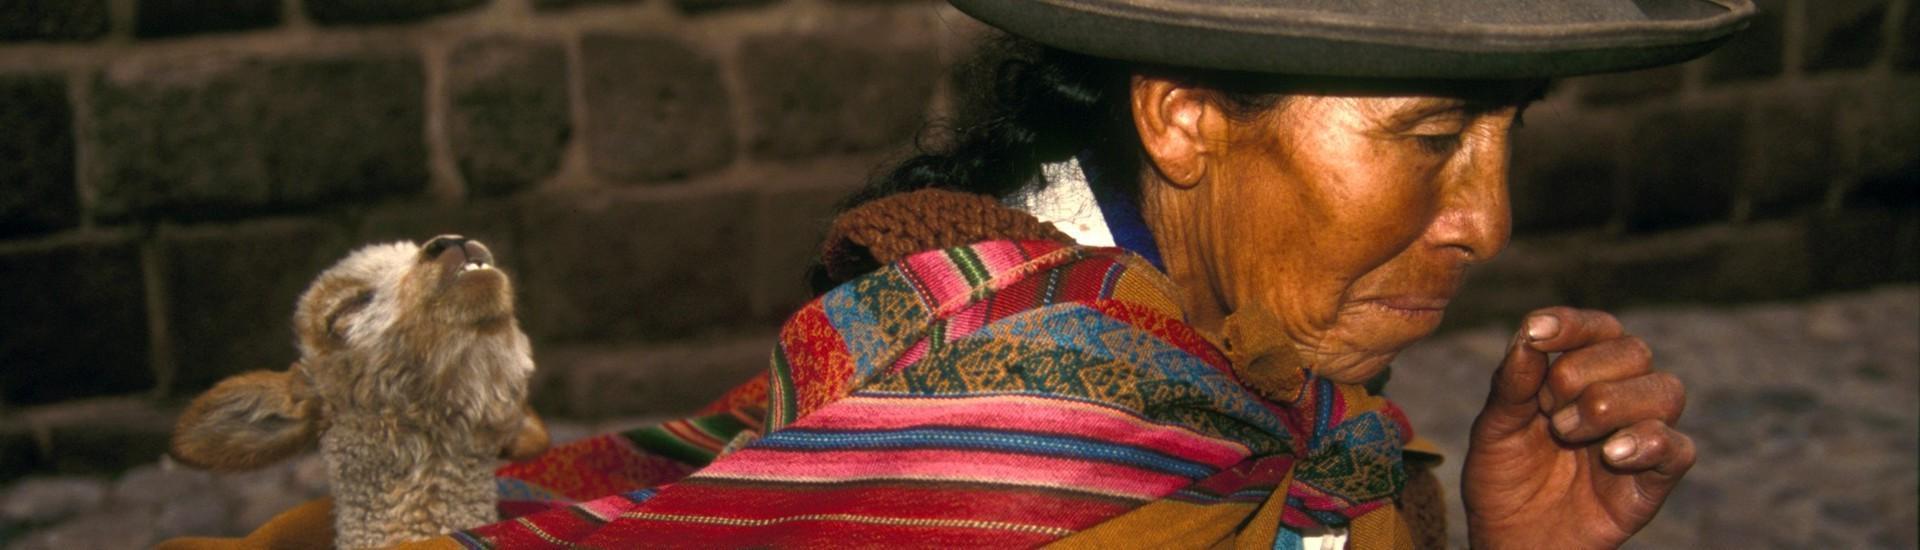 Szlakiem złota Inków